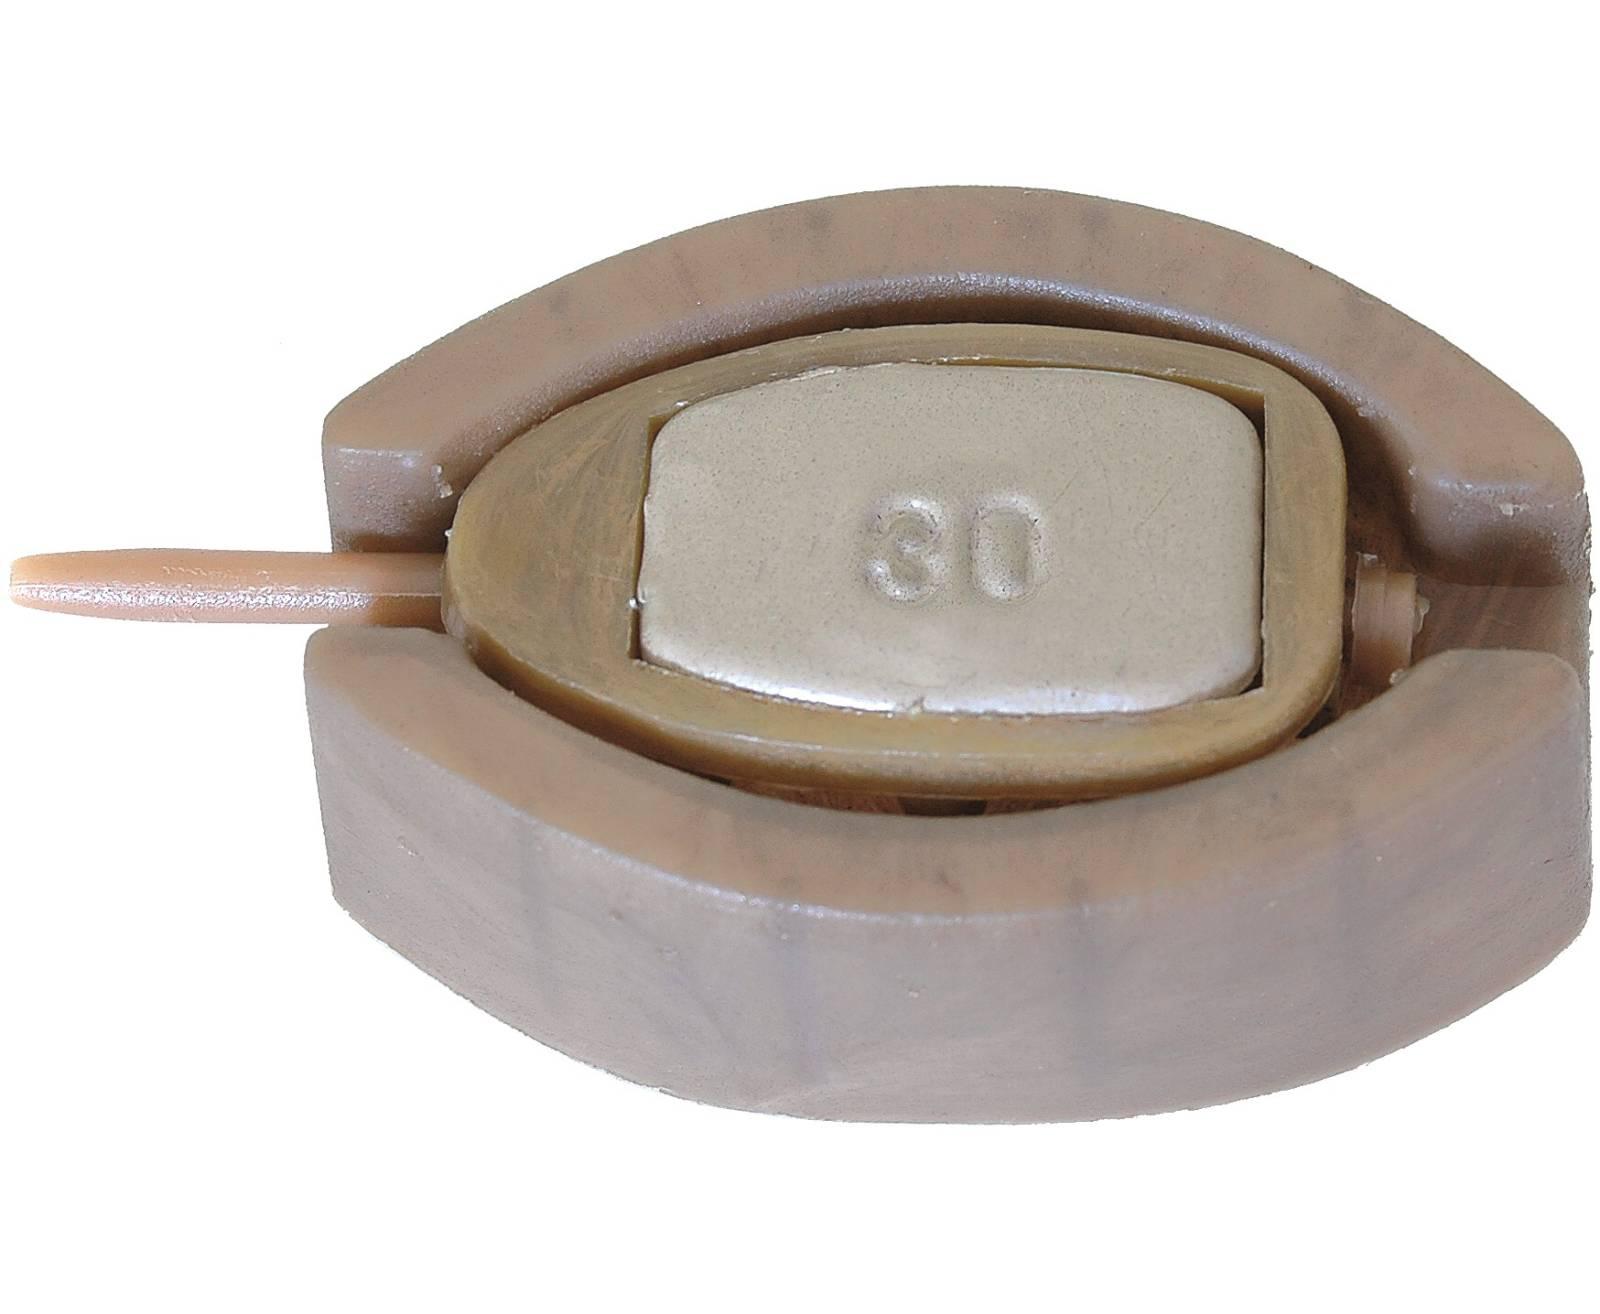 Feederové krmítko set H + formièka 20g (vìtší formièka) - zvìtšit obrázek